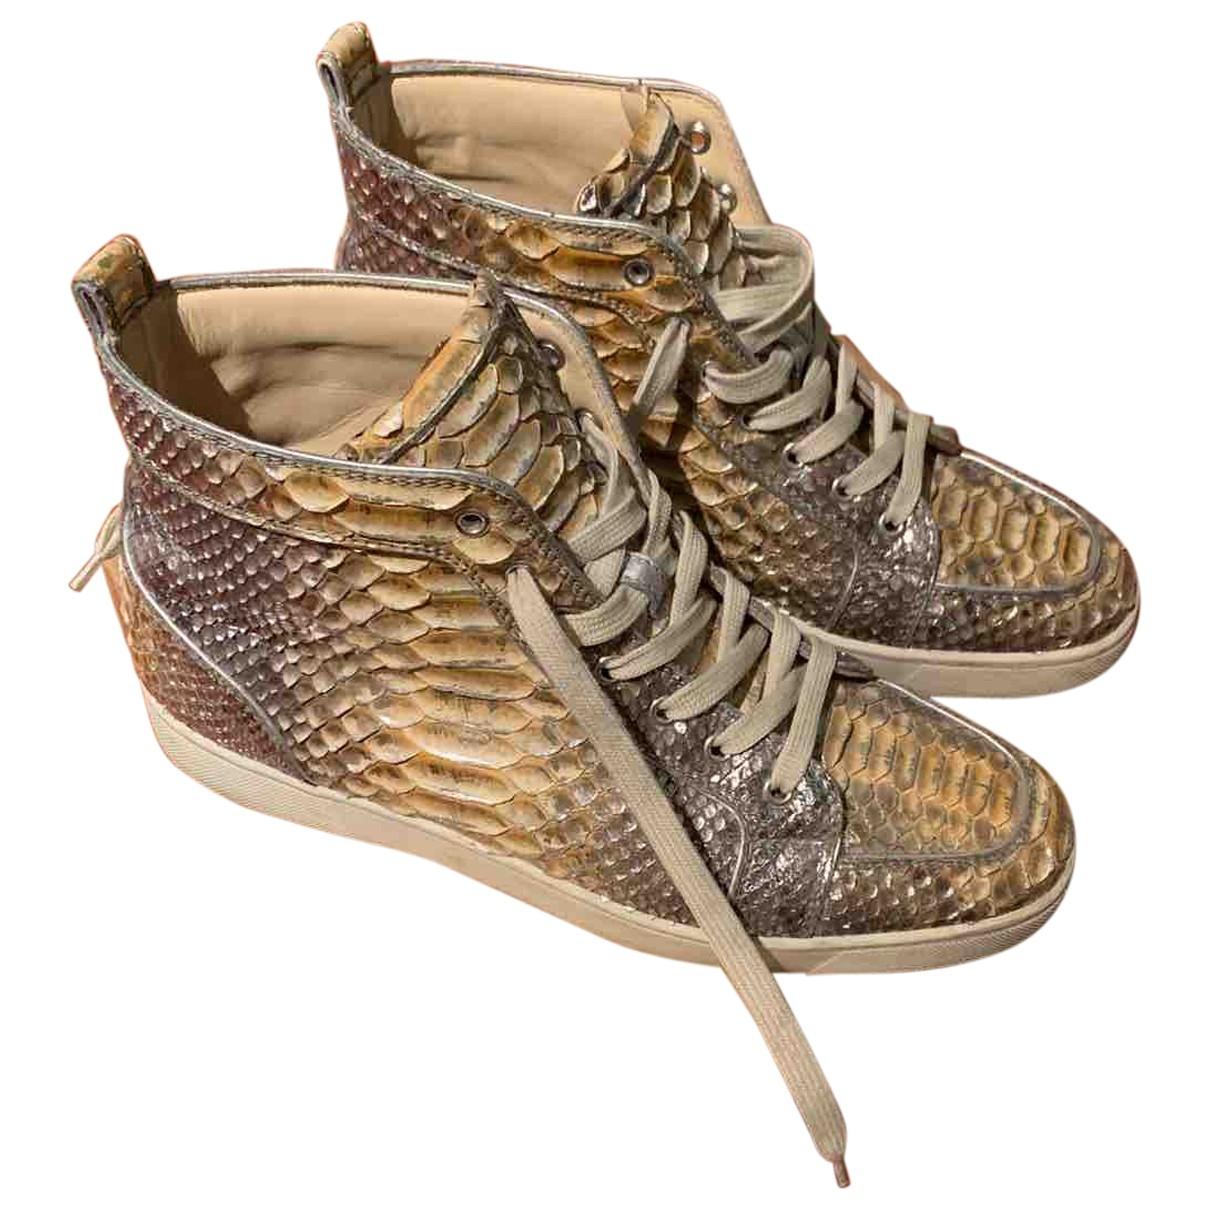 Christian Louboutin - Baskets   pour homme en python - beige